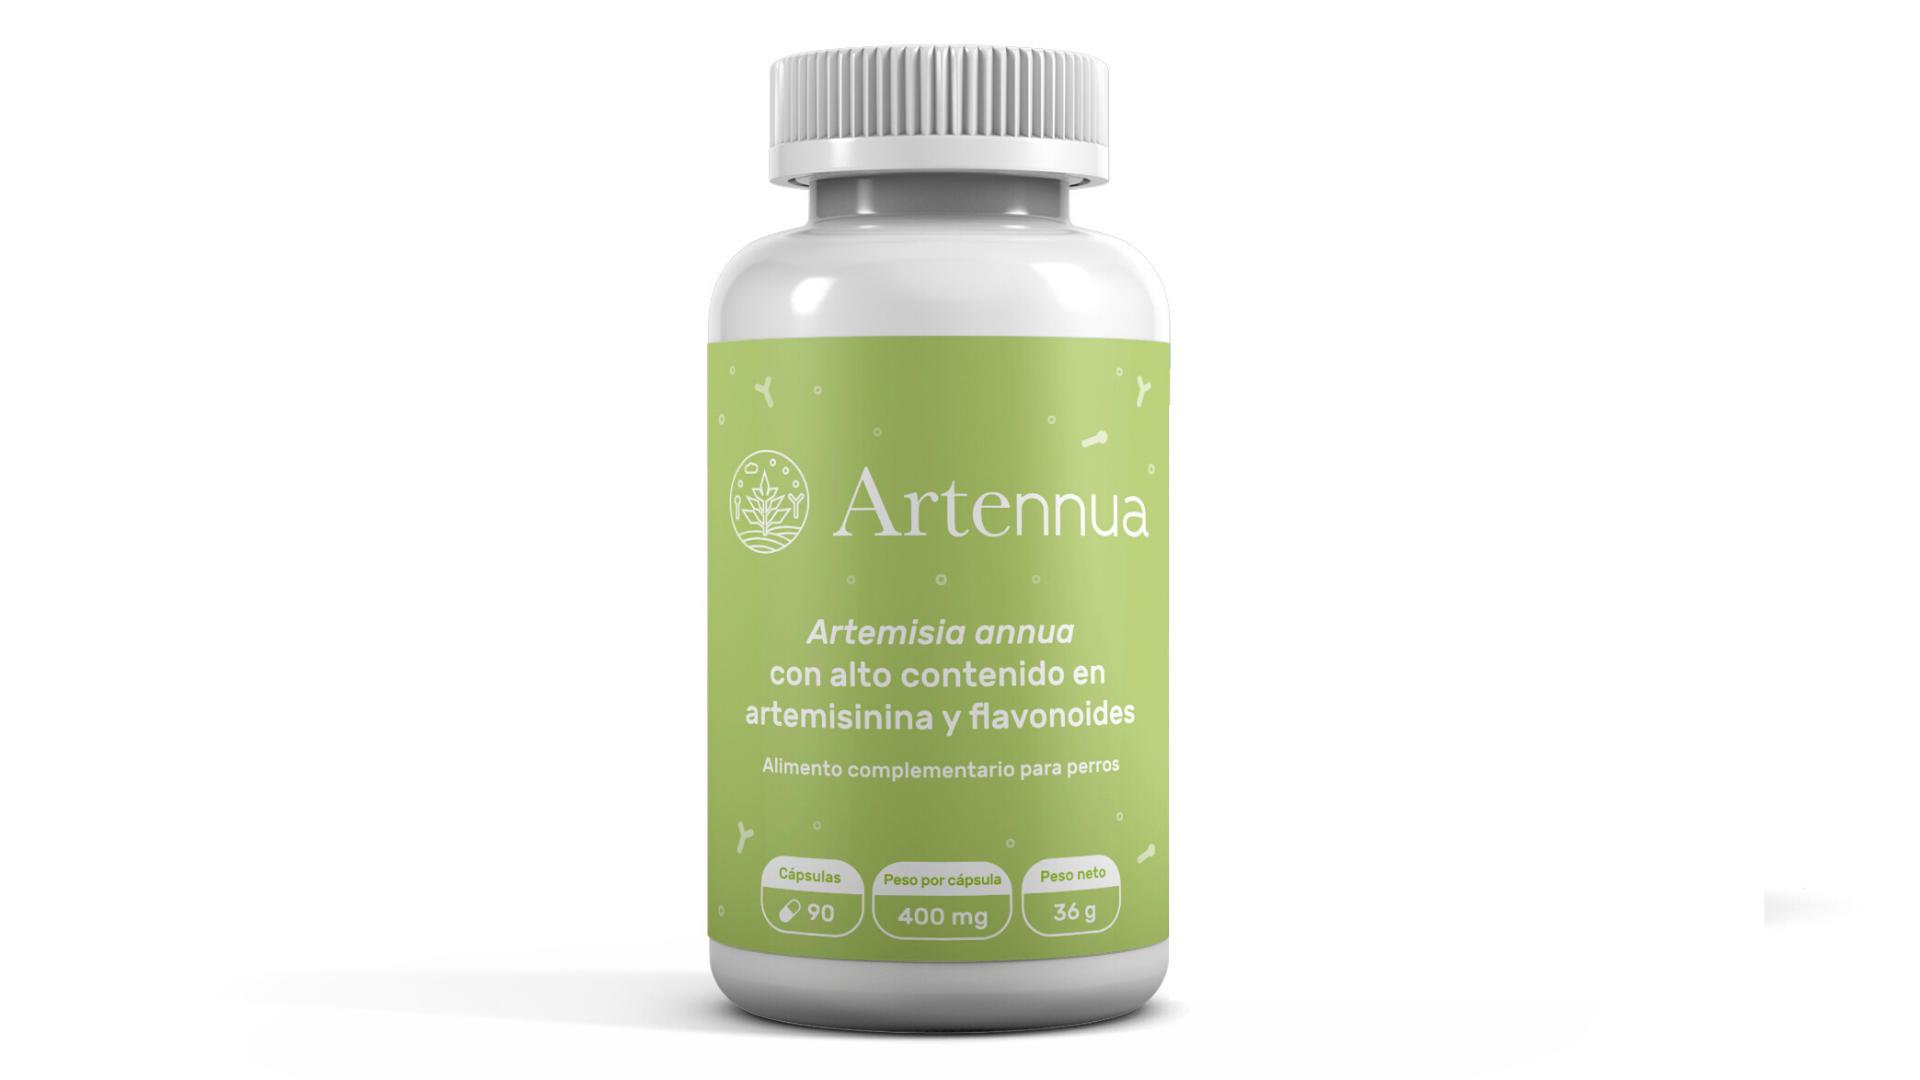 artemisia annua capsules